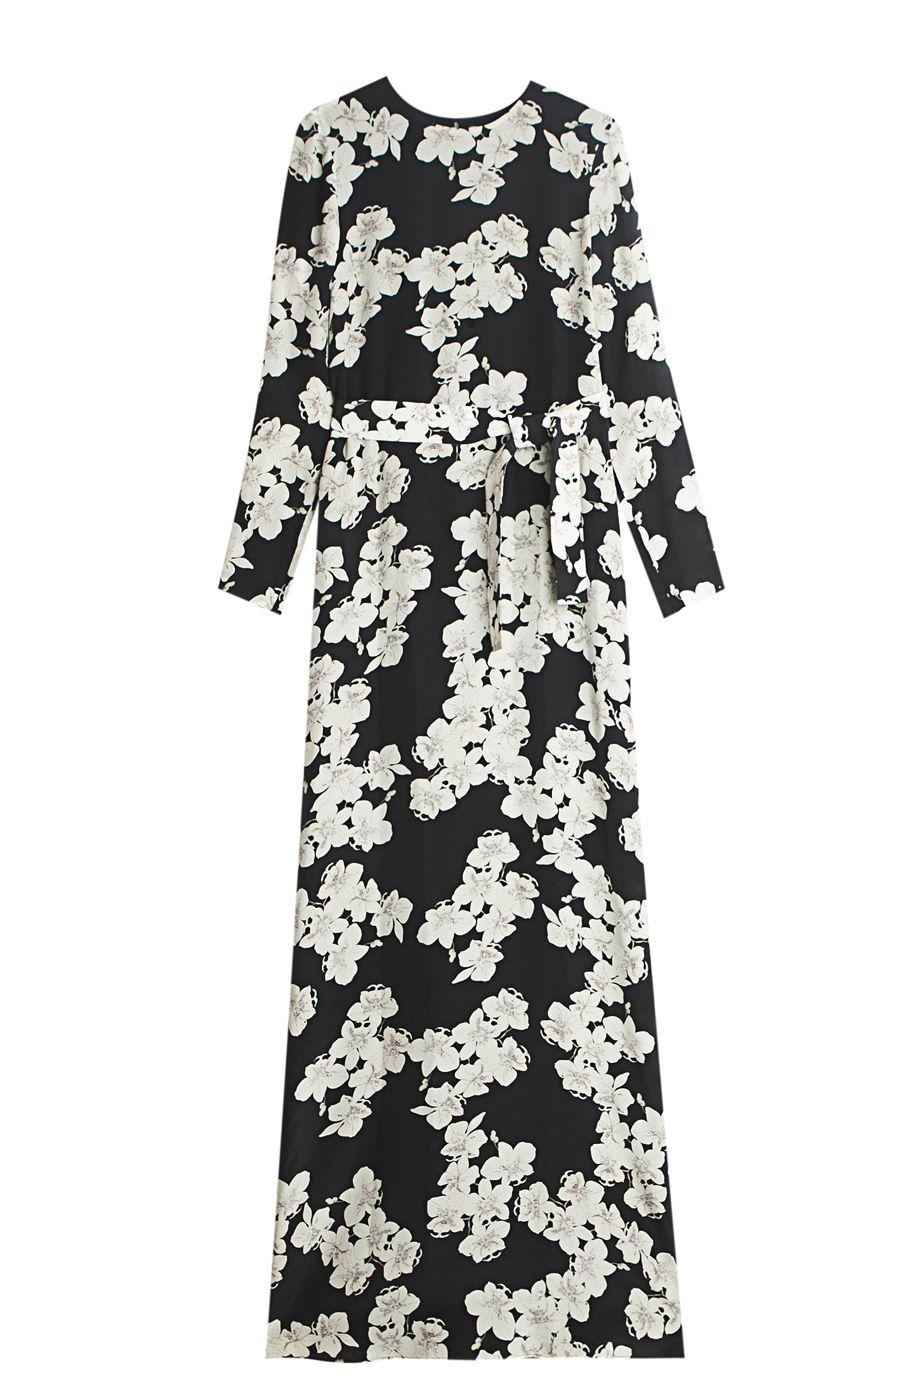 Exclusive Aubina Crepe Dress